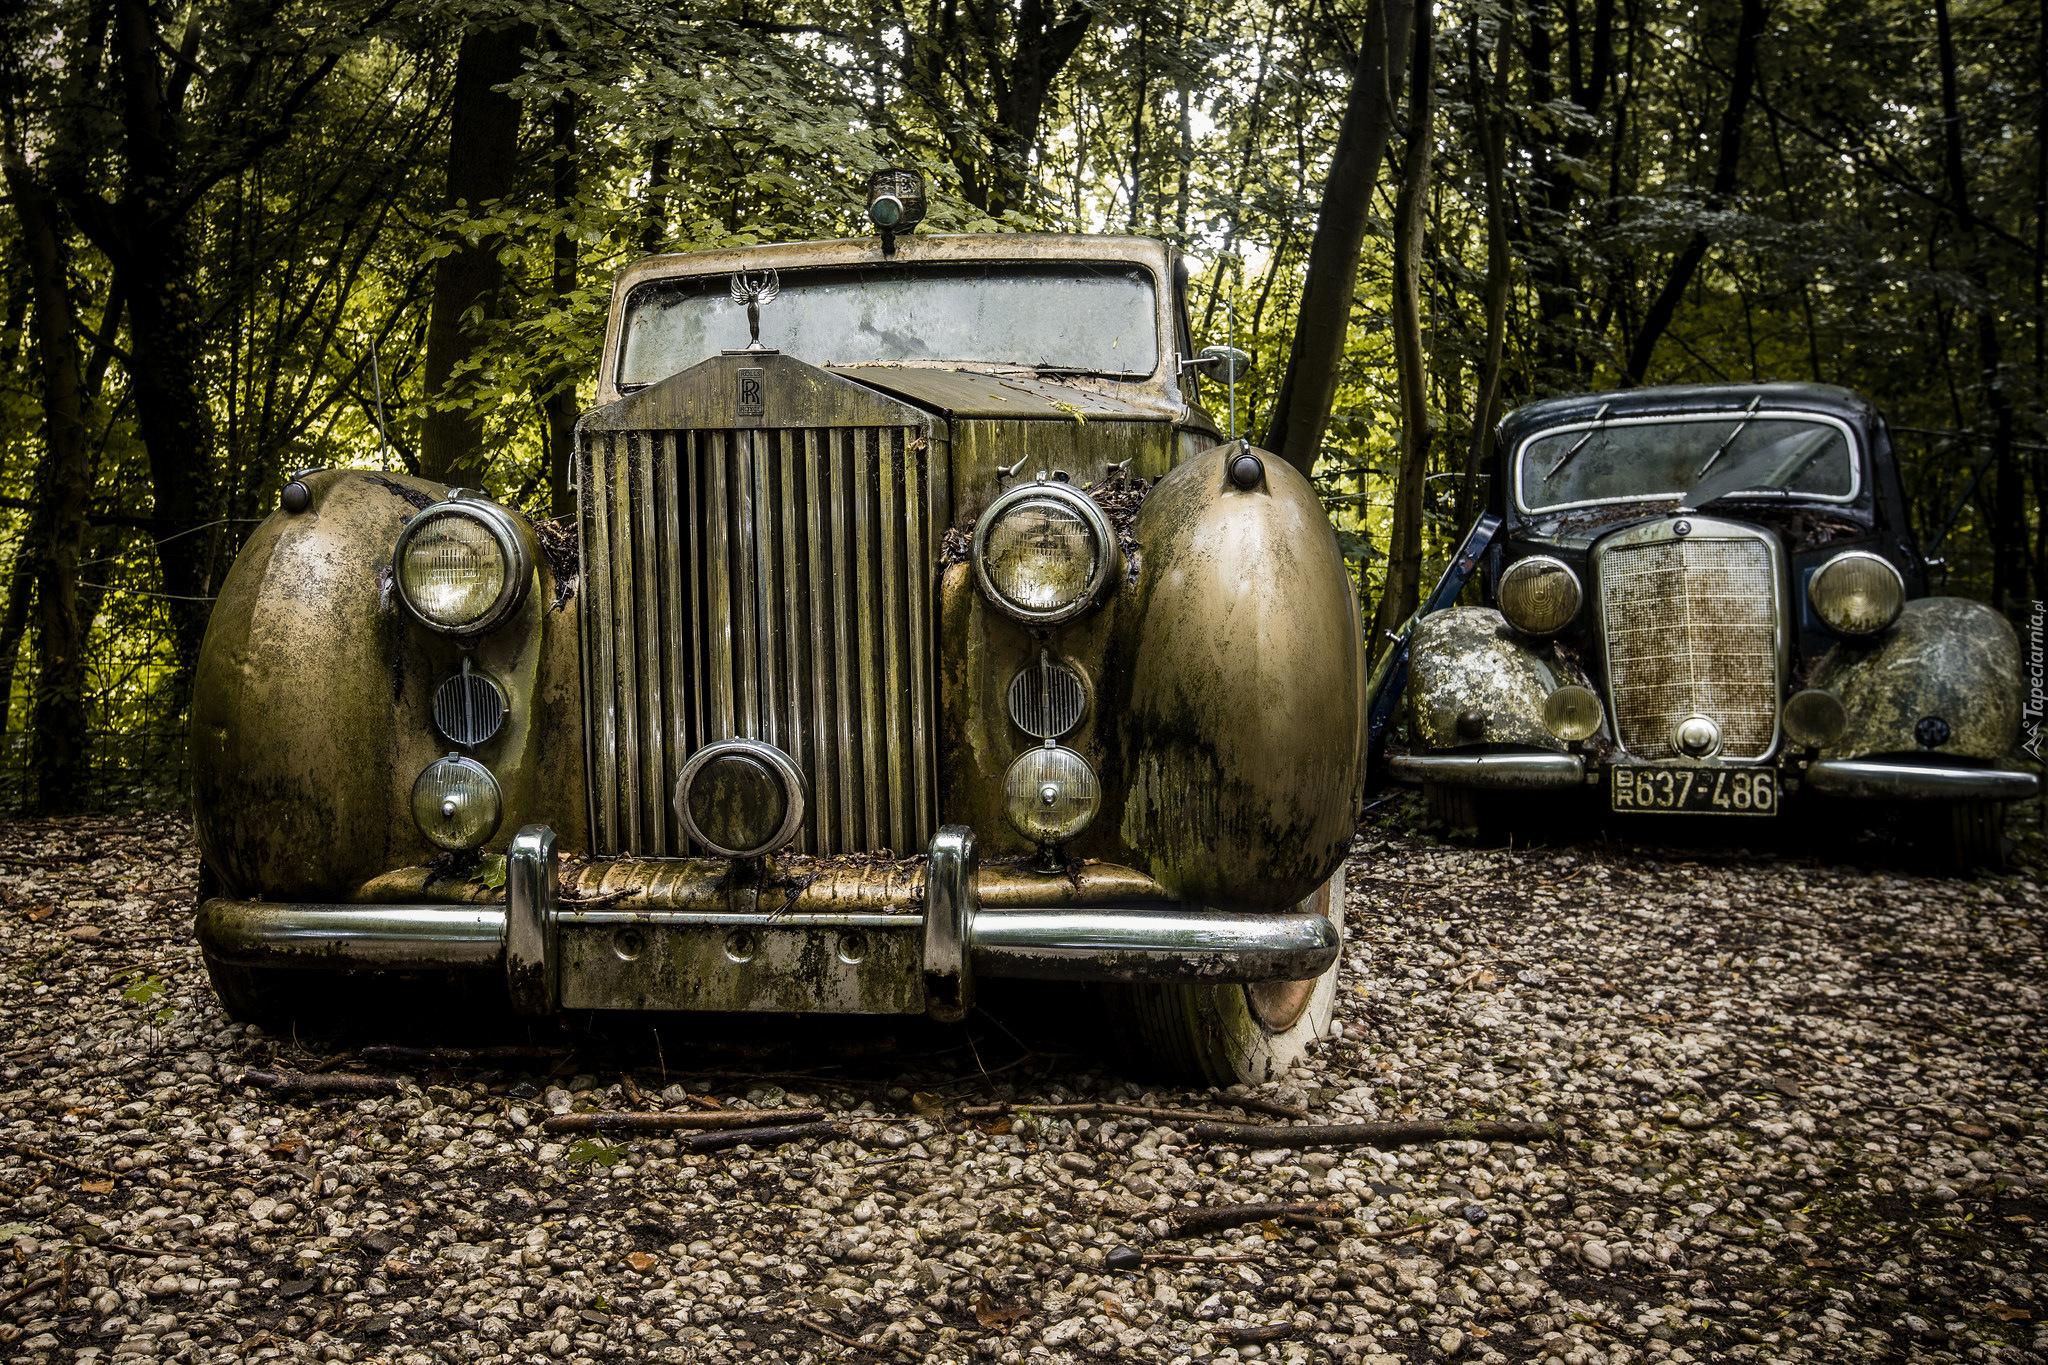 Dwa Stare Samochody Porzucone W Lesie